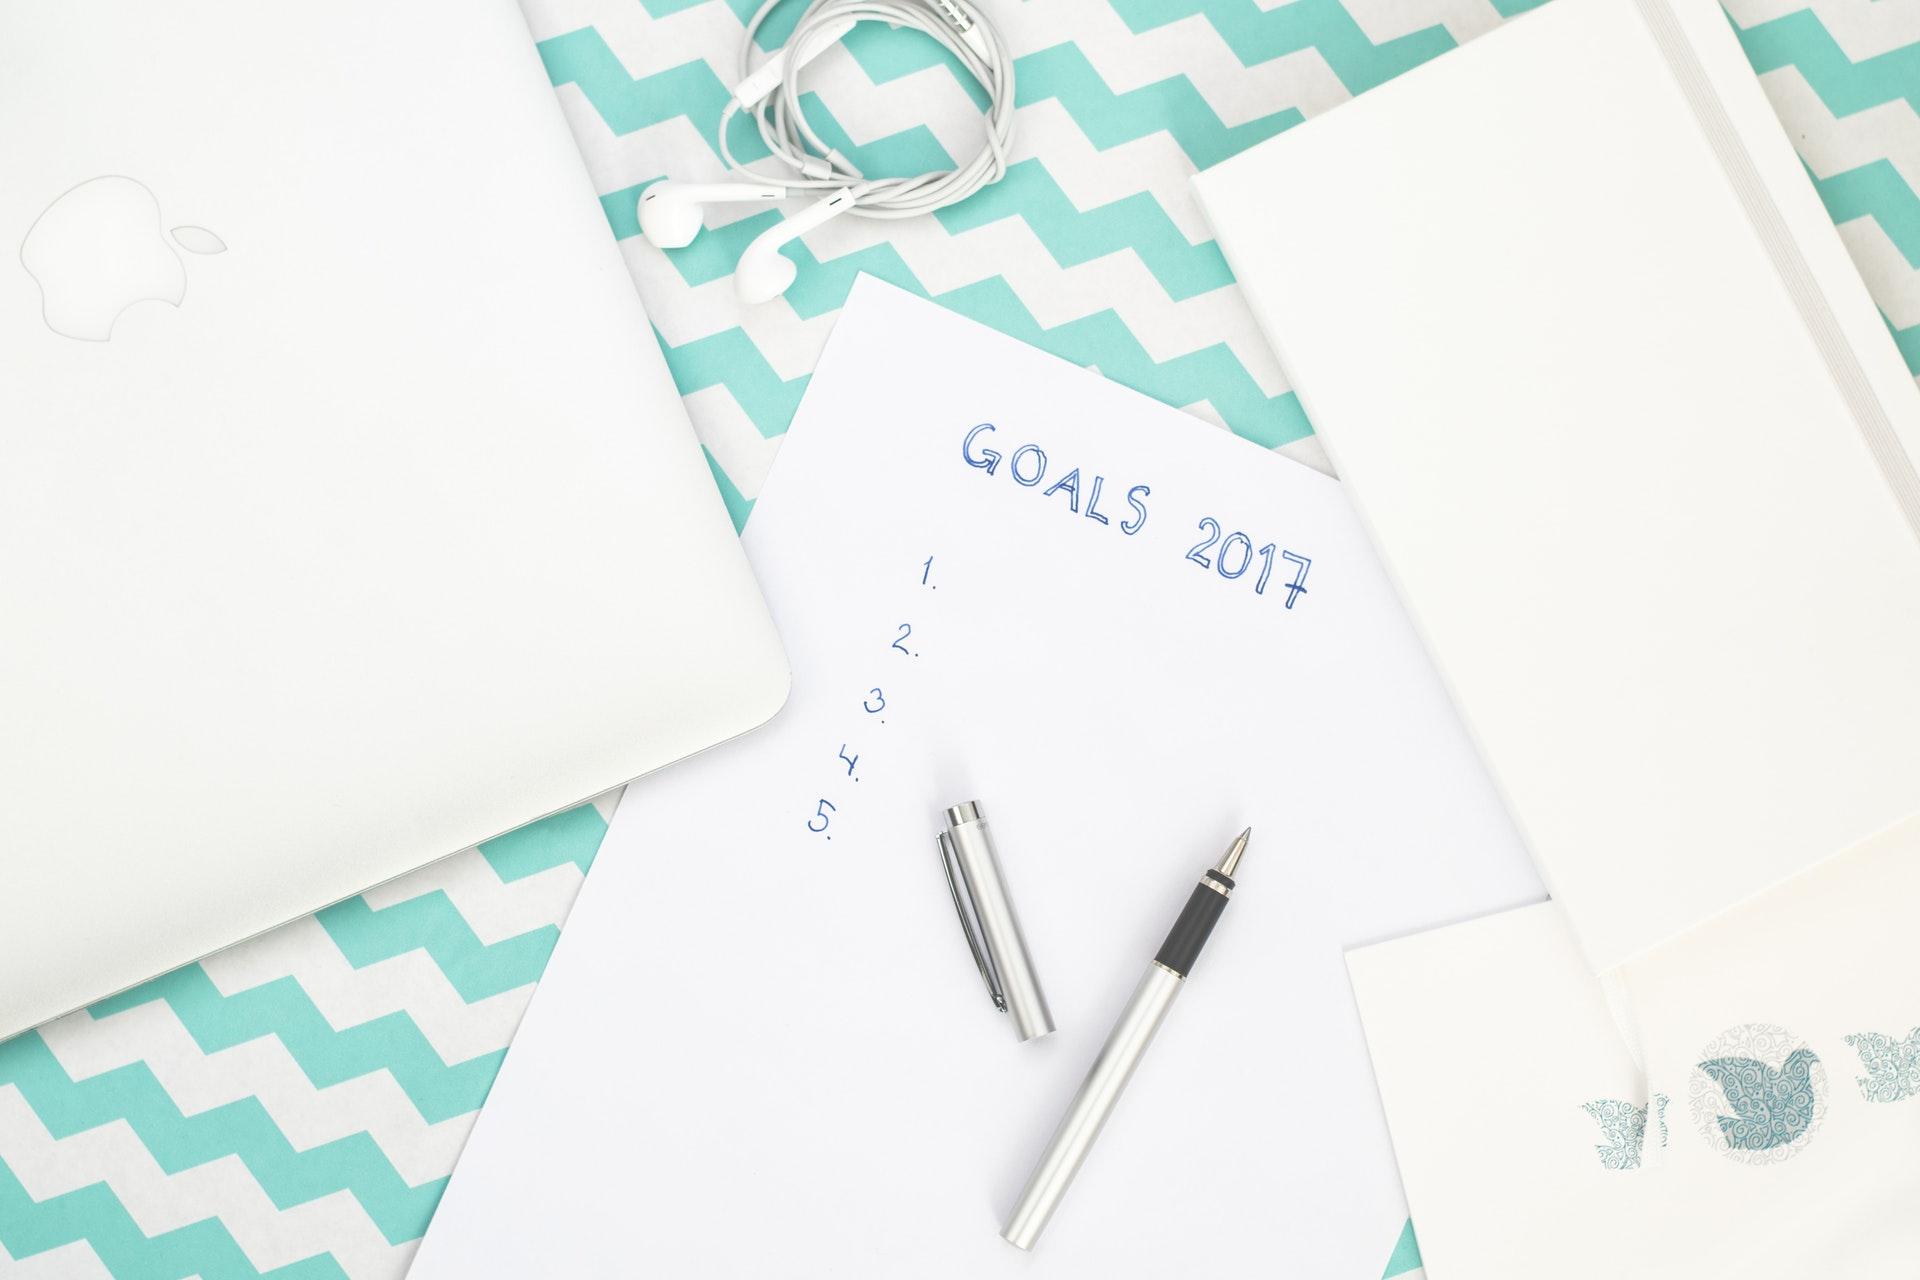 目標を書き出す